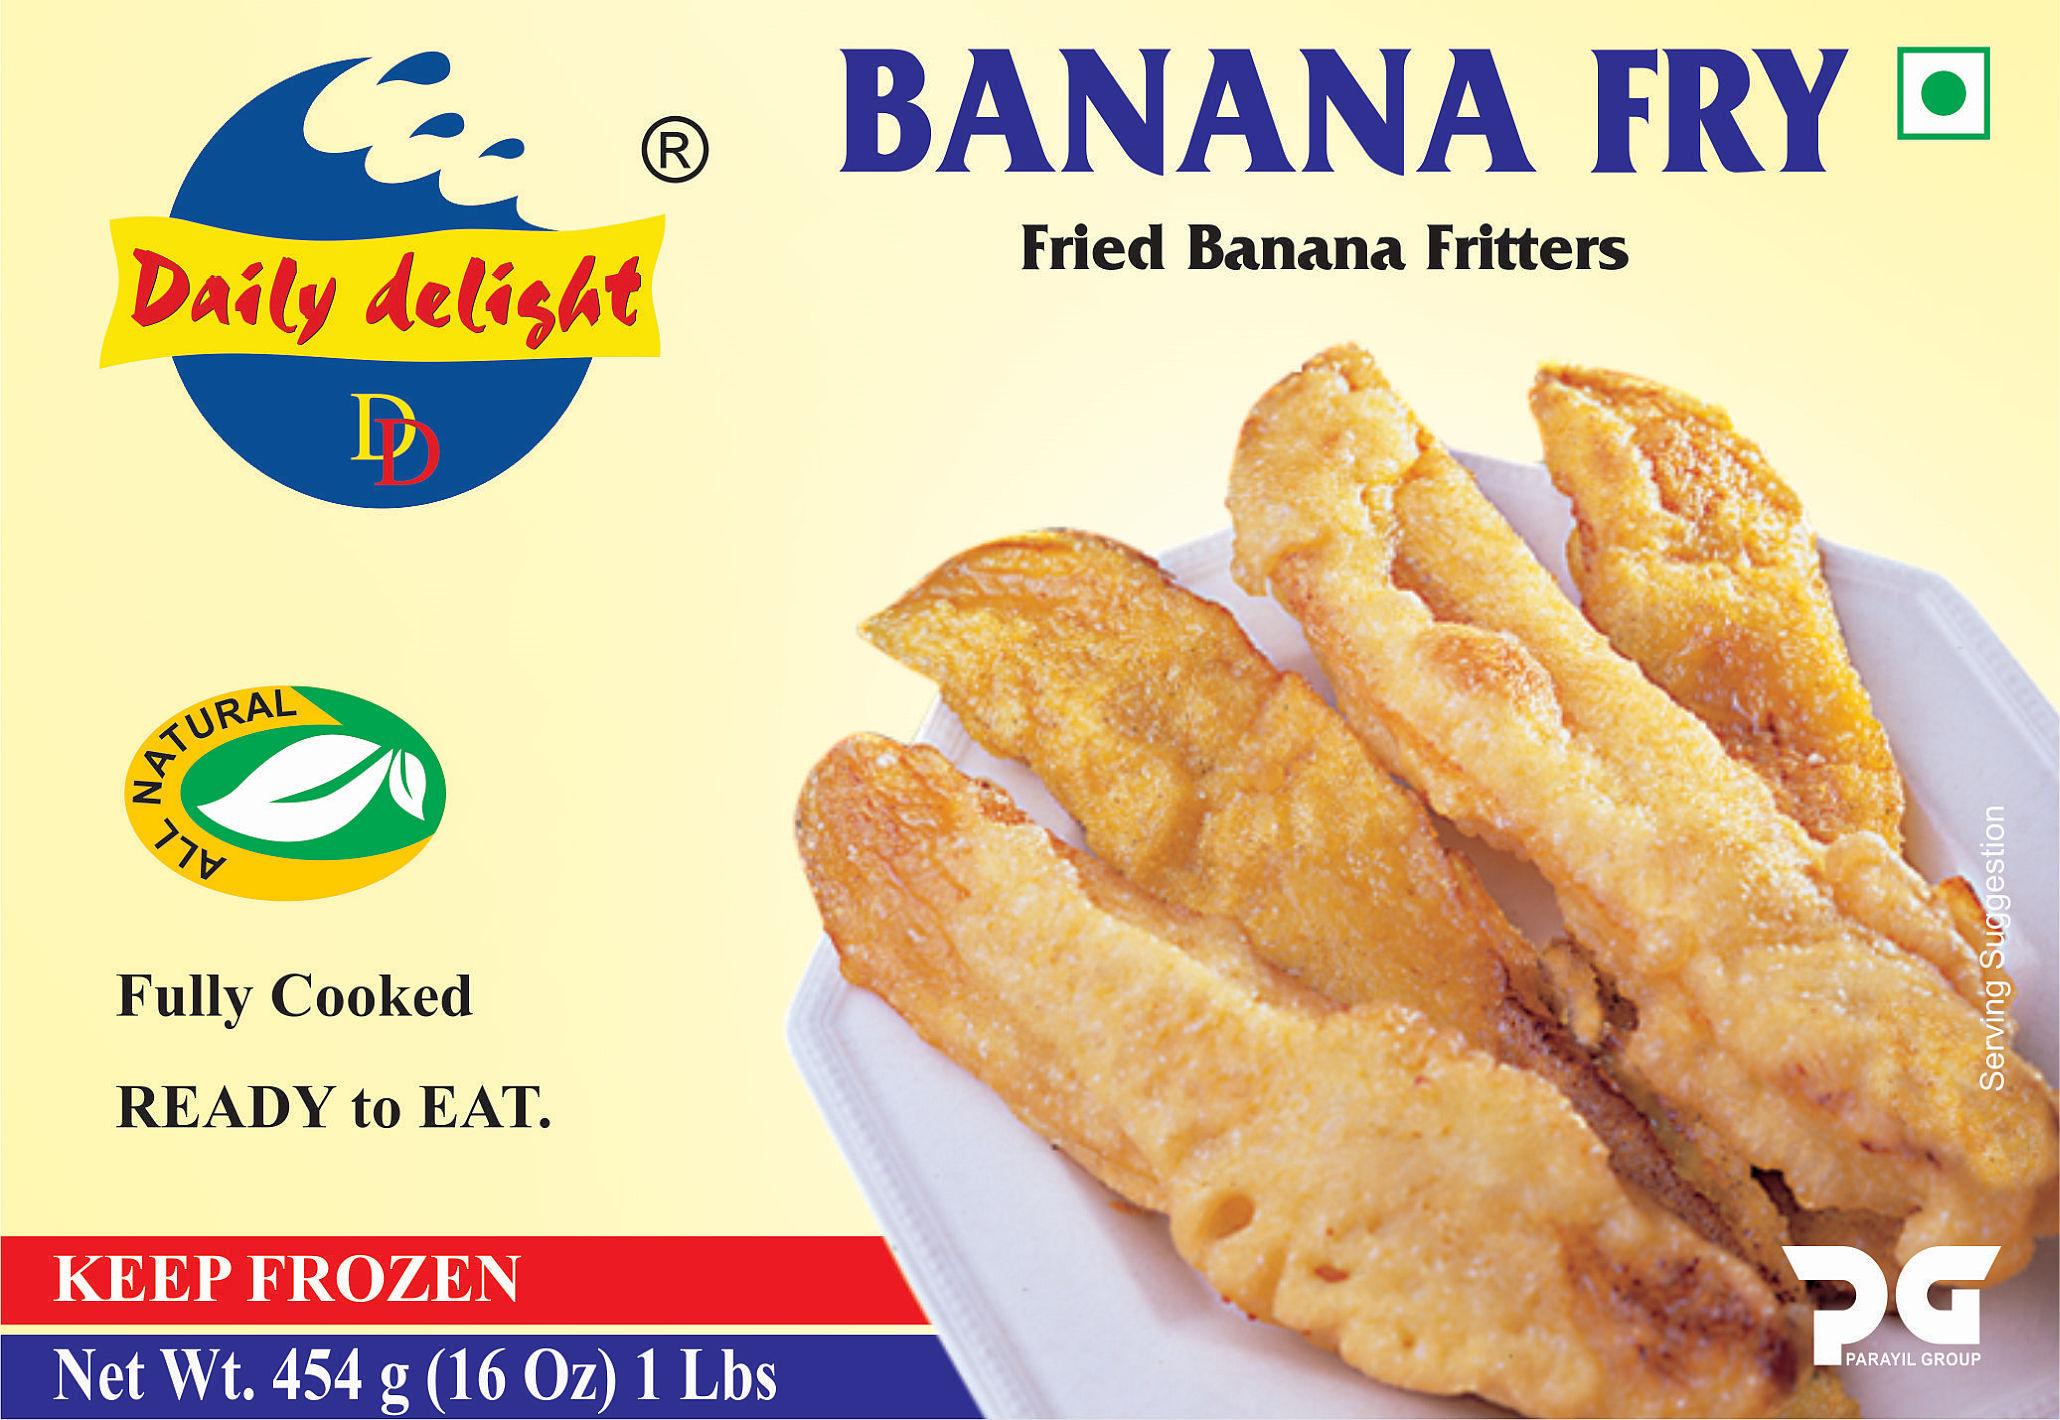 Daily Delight Banana Fry